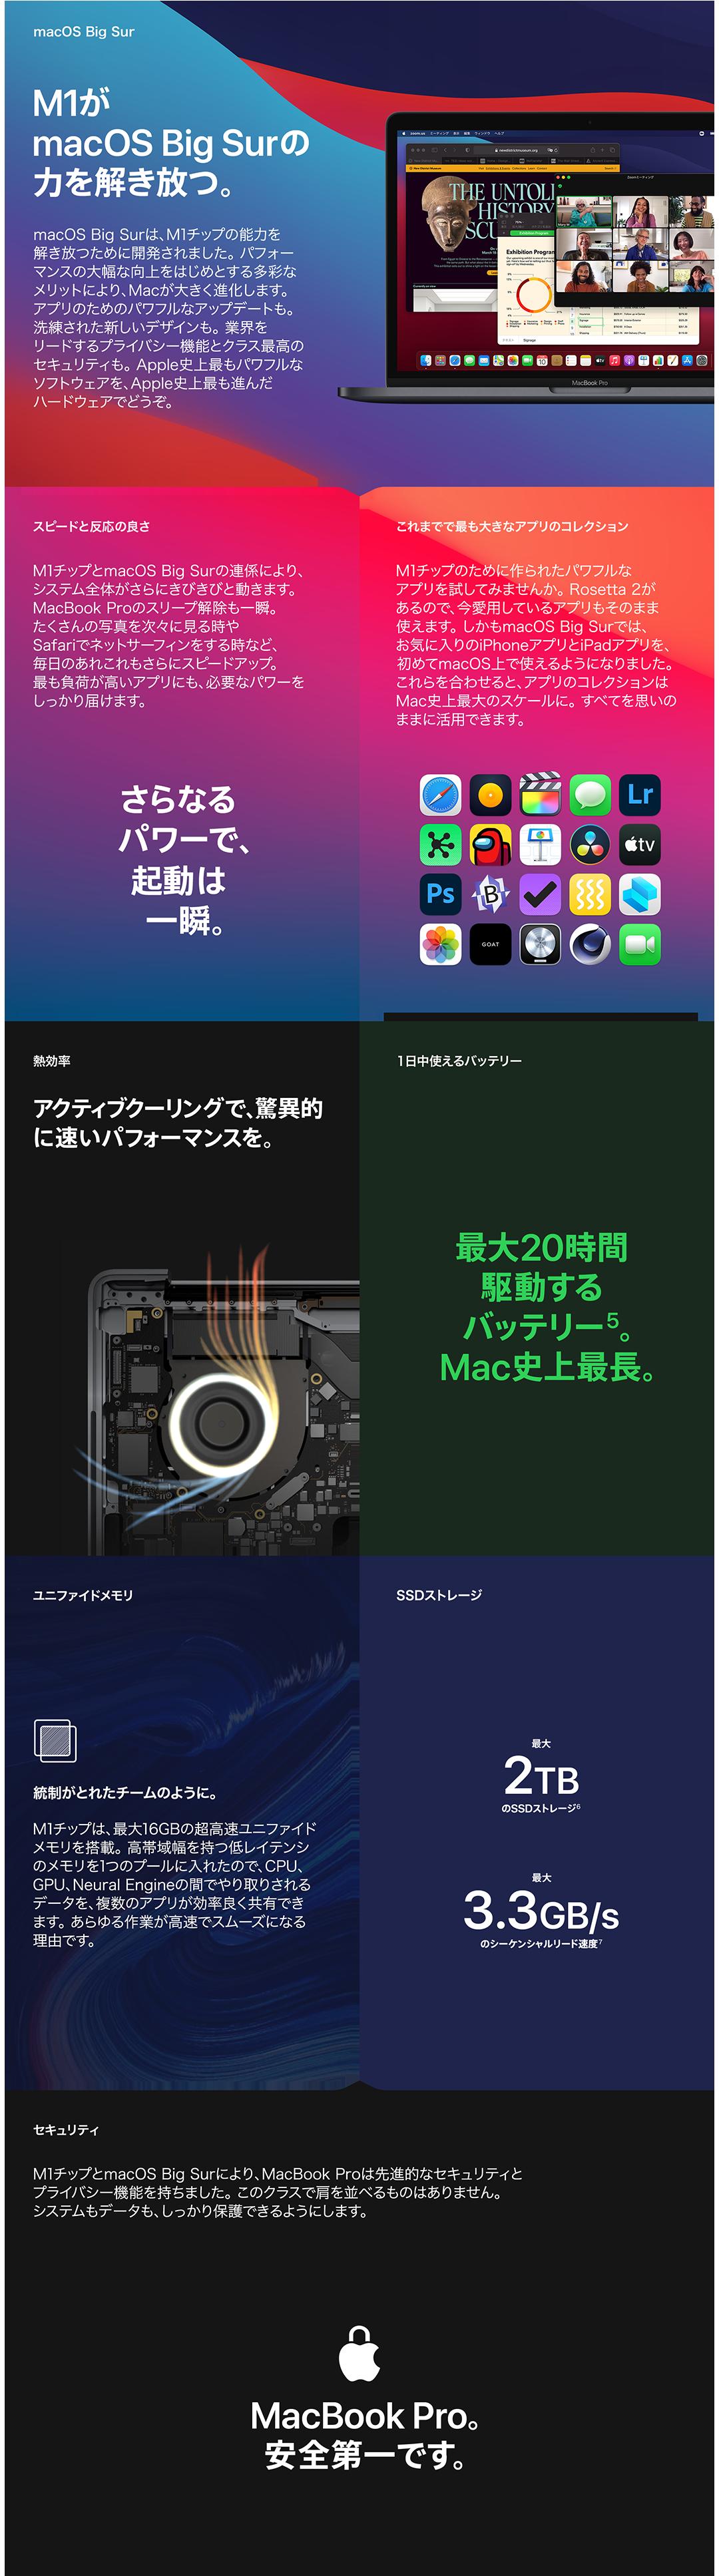 macOS Big Sur/ M1がmacOS Big Surの力を解き放つ。